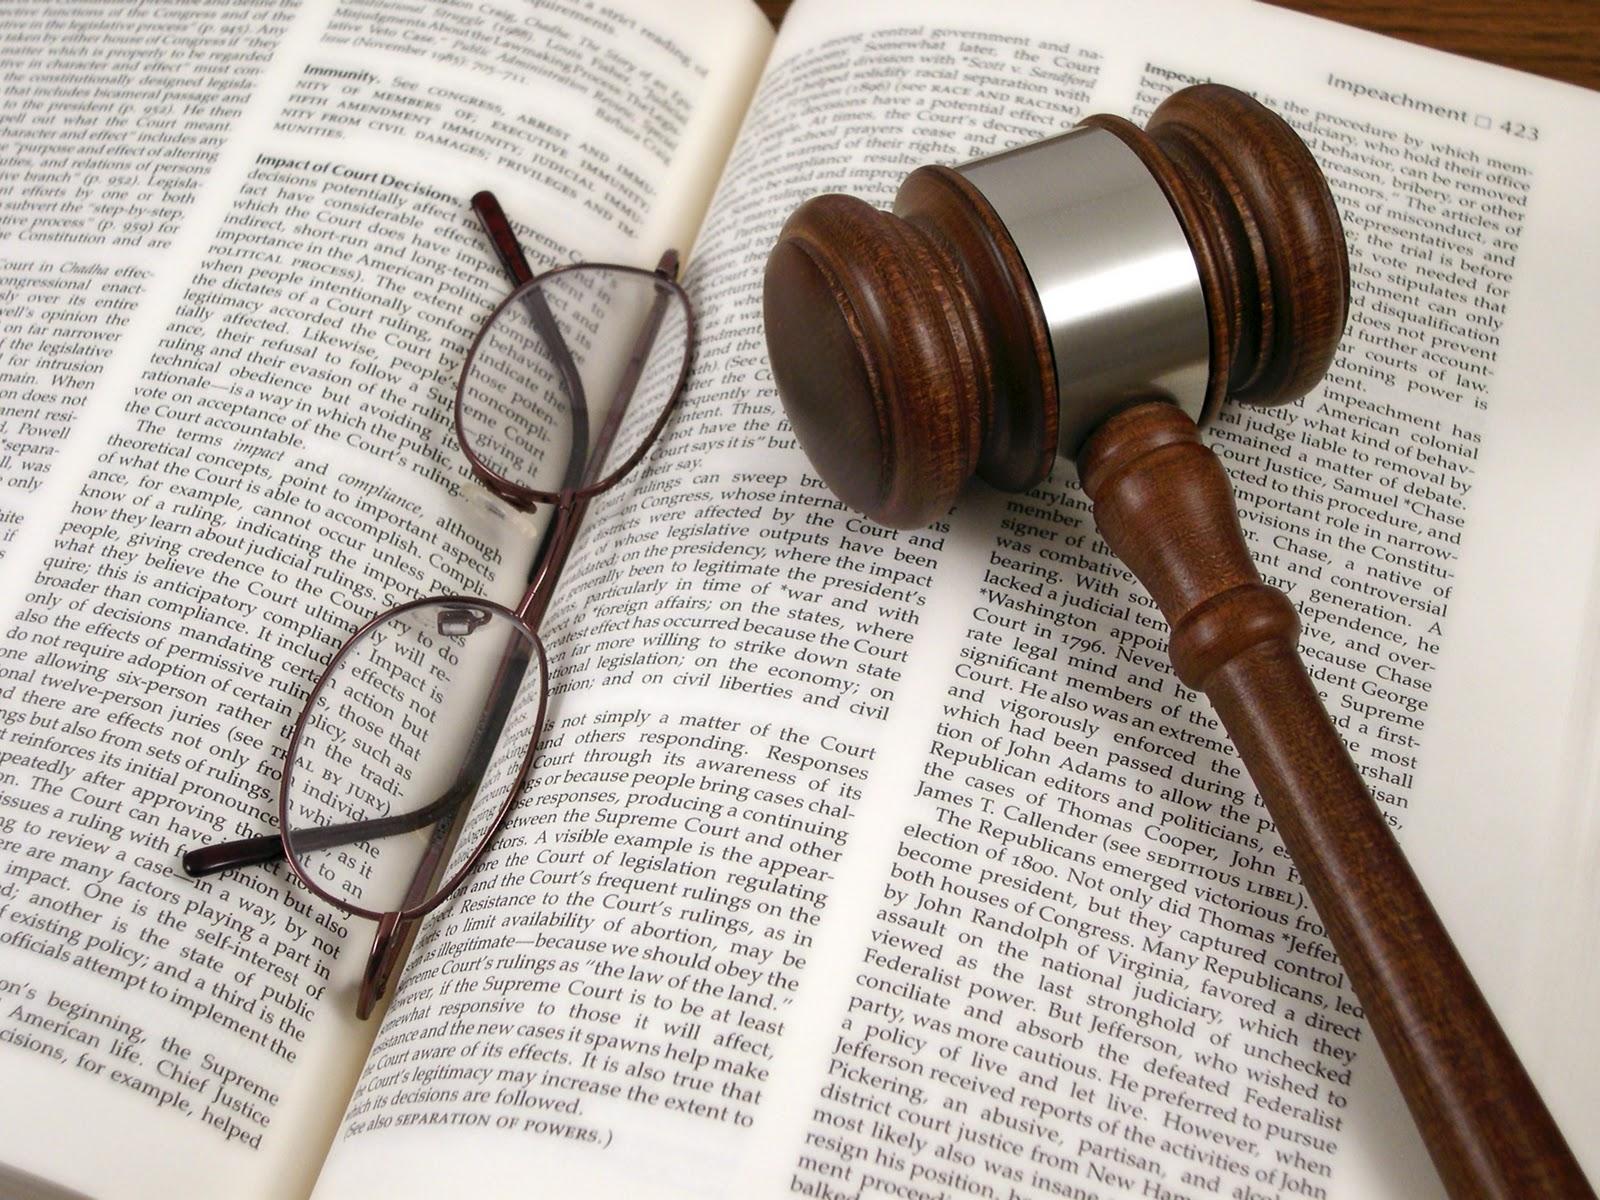 Enfocarnos mejor en nuestros trabajos legales